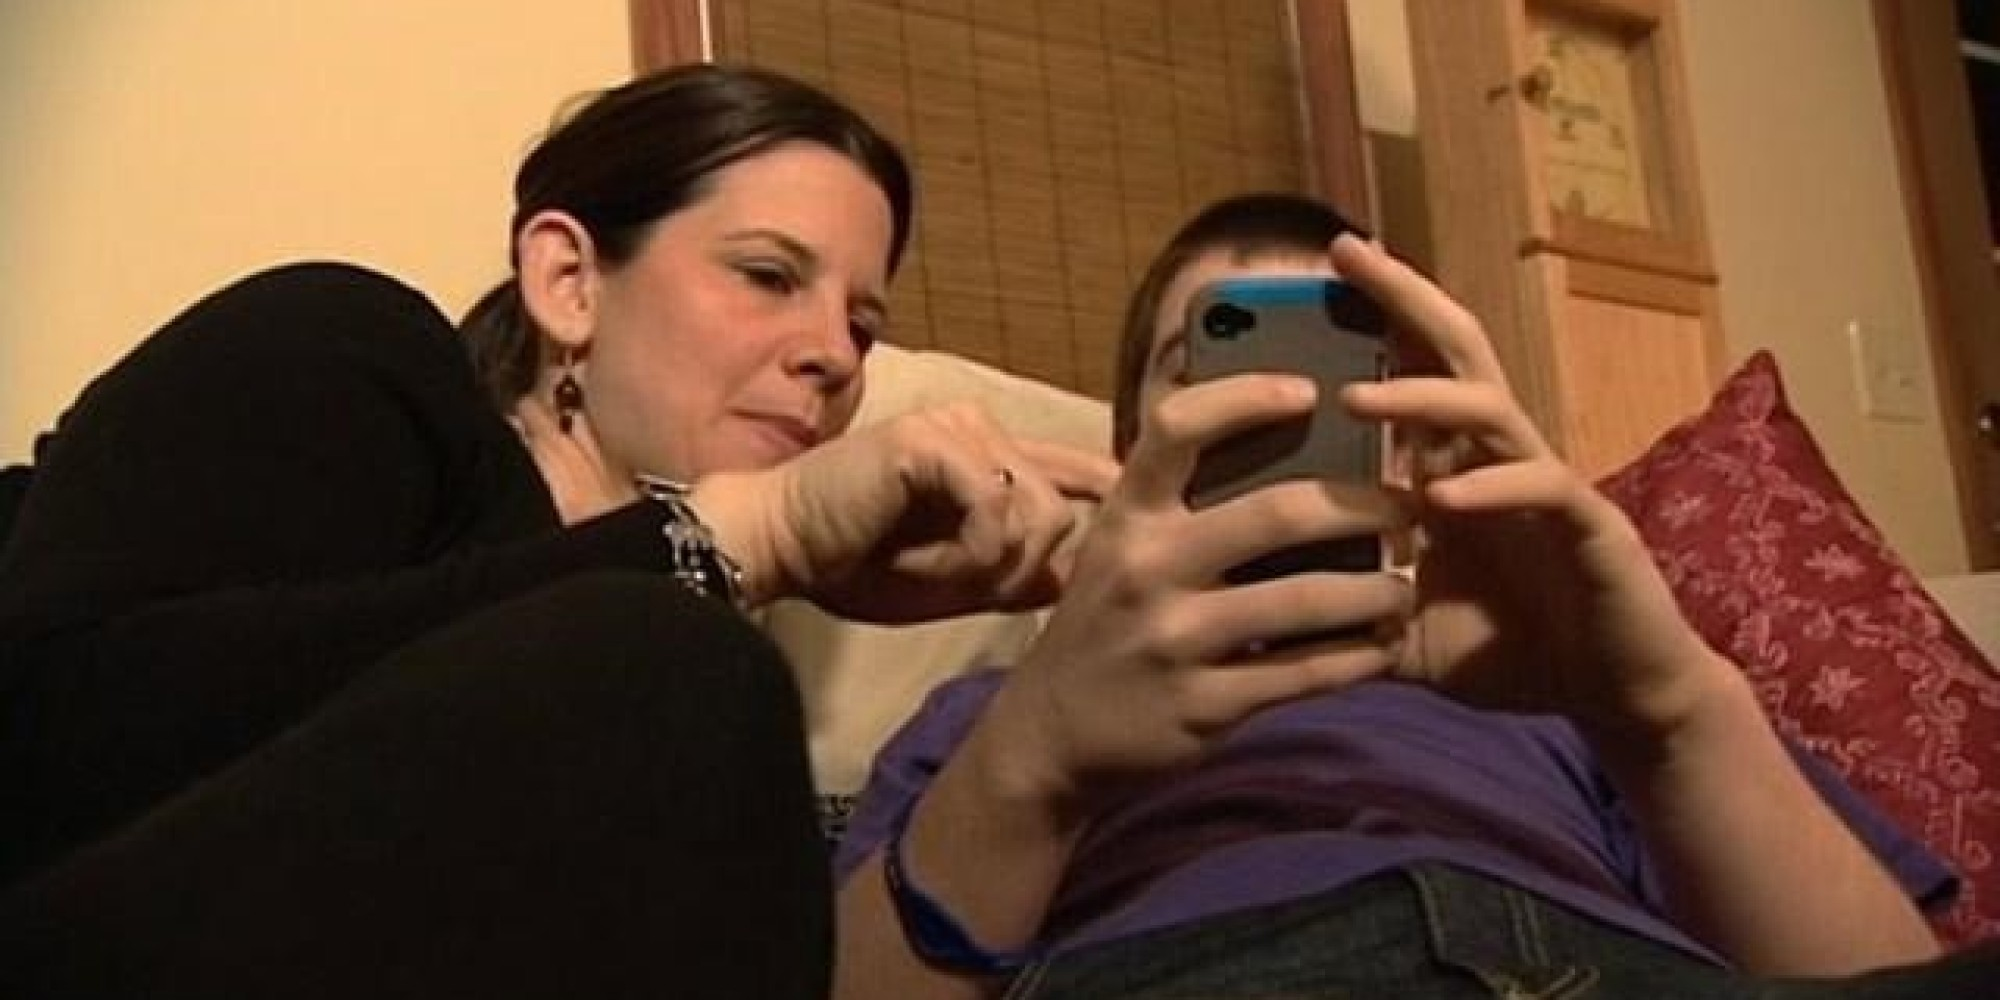 Рассказы секс мама и гости, Мой друг в гостях у мамы - порно рассказ - Случай порно 4 фотография